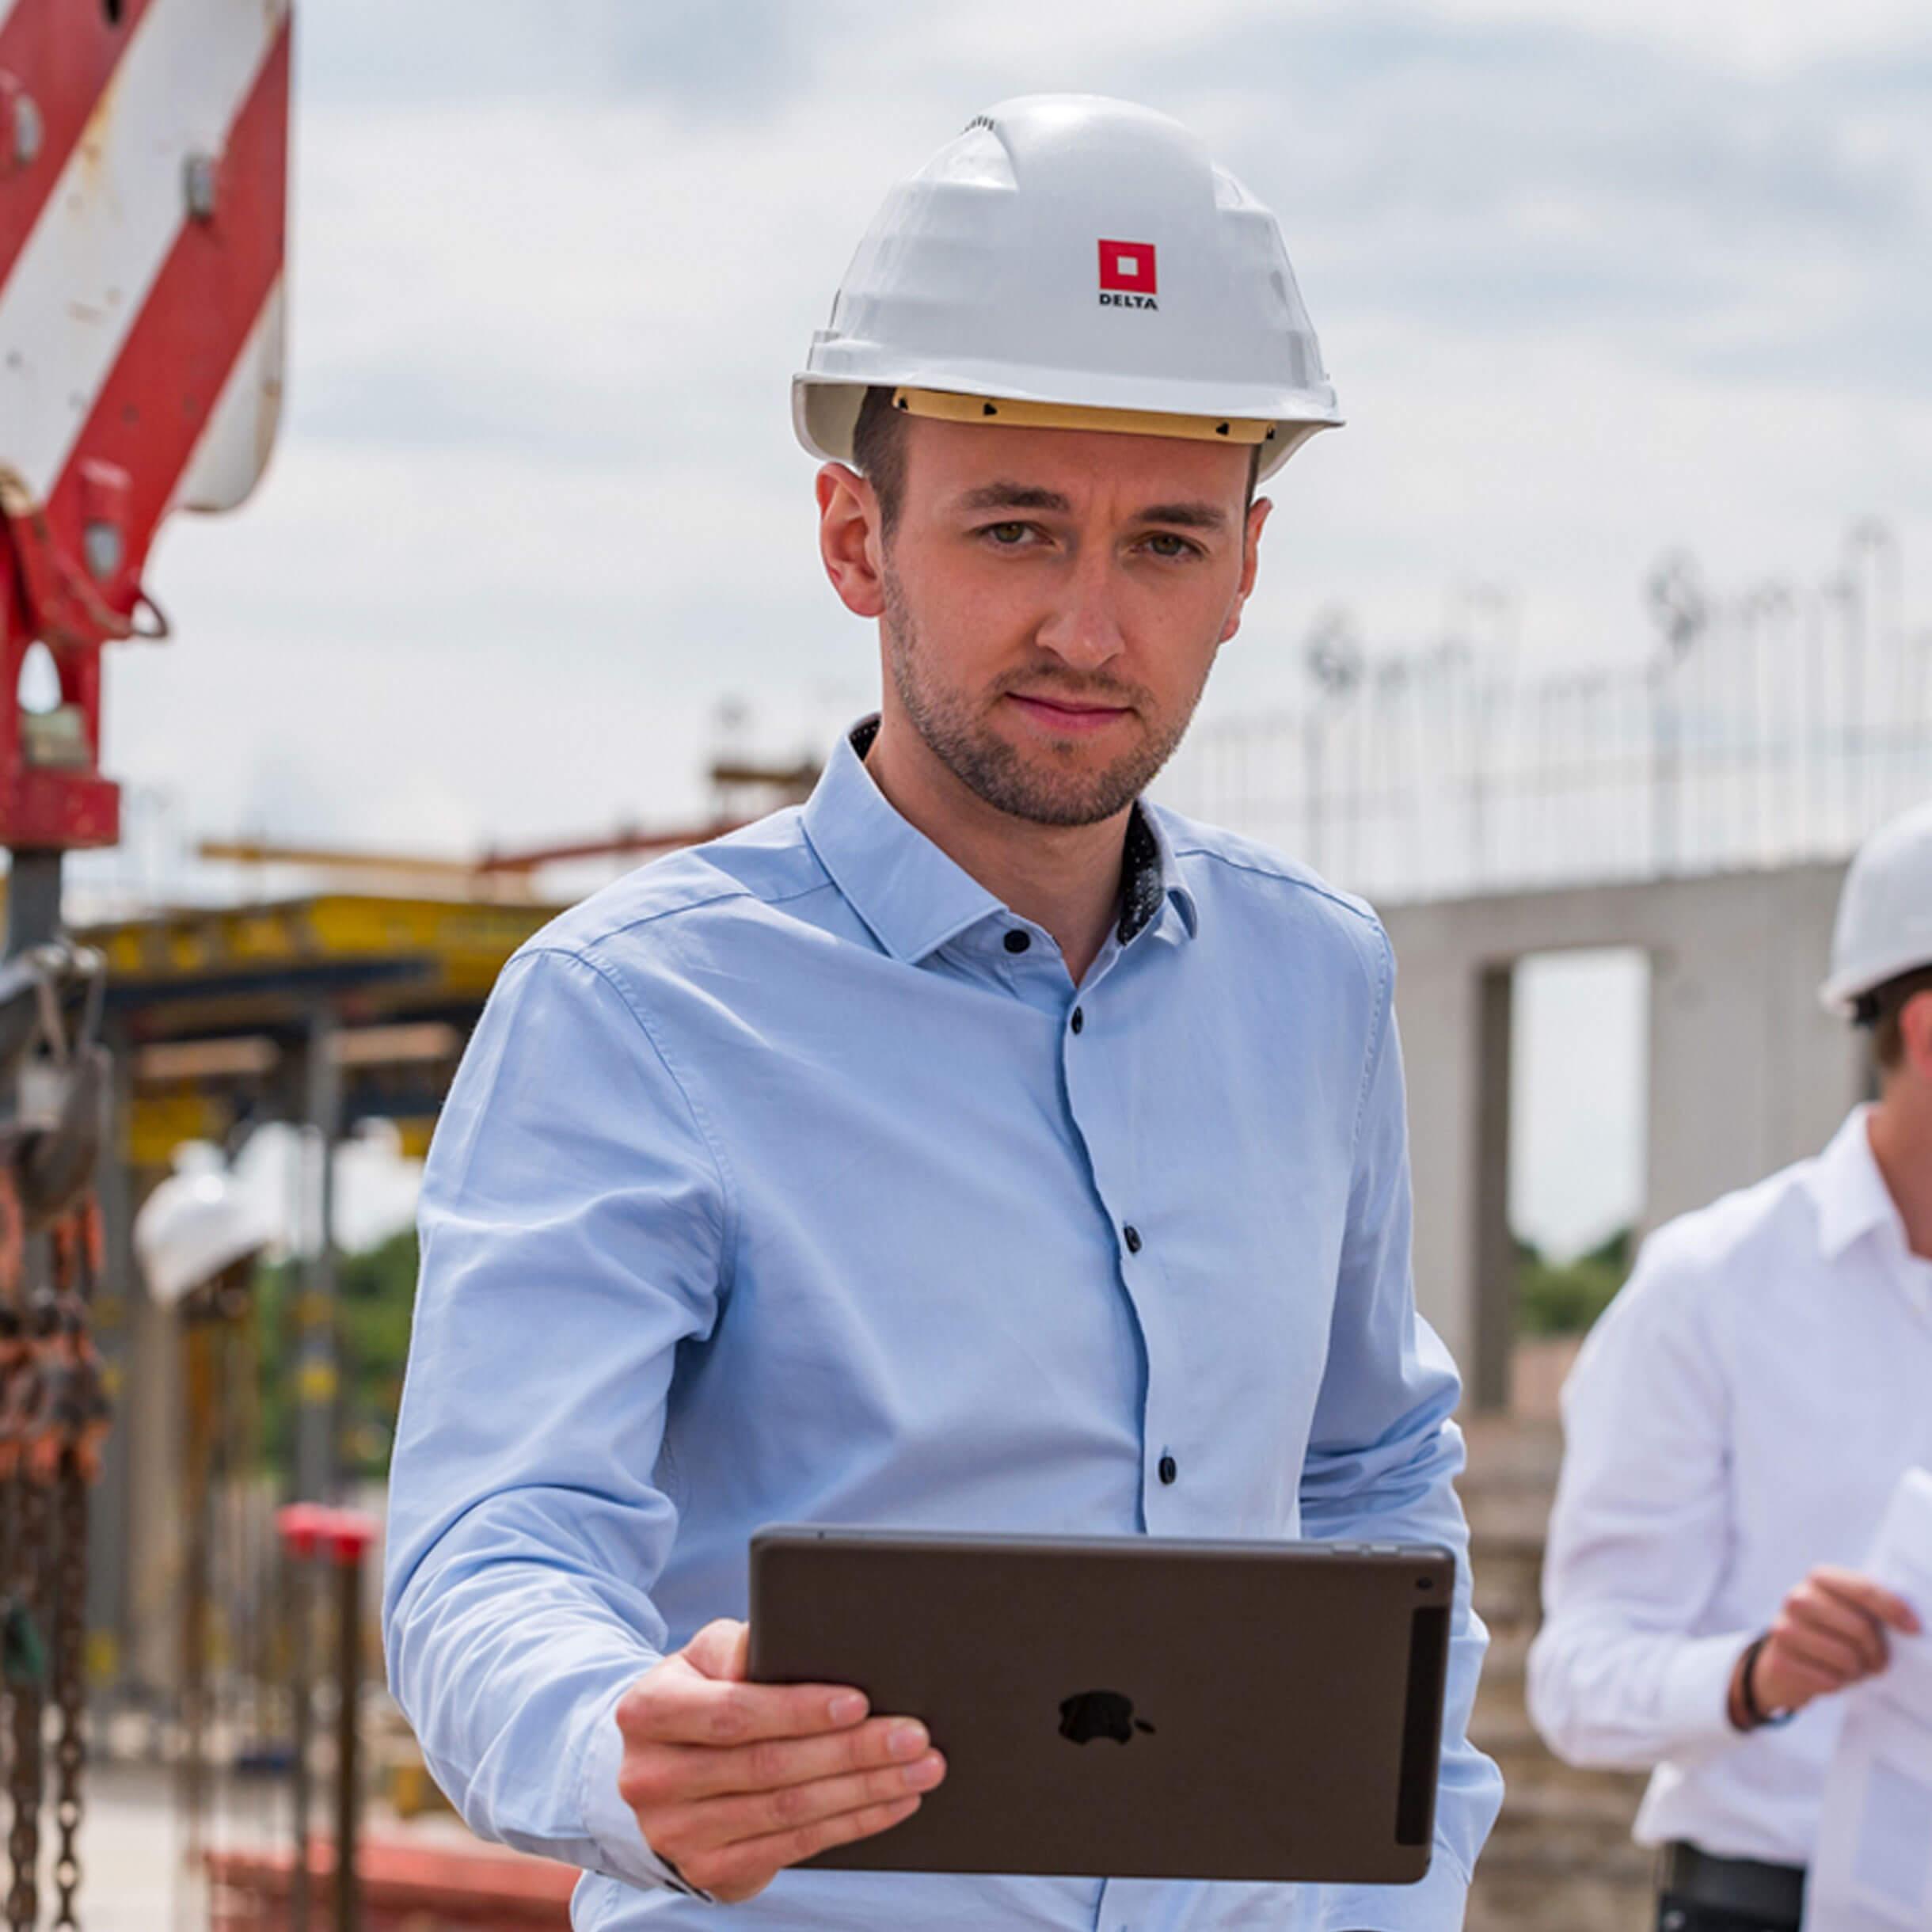 Zaměstnanci na stavbě